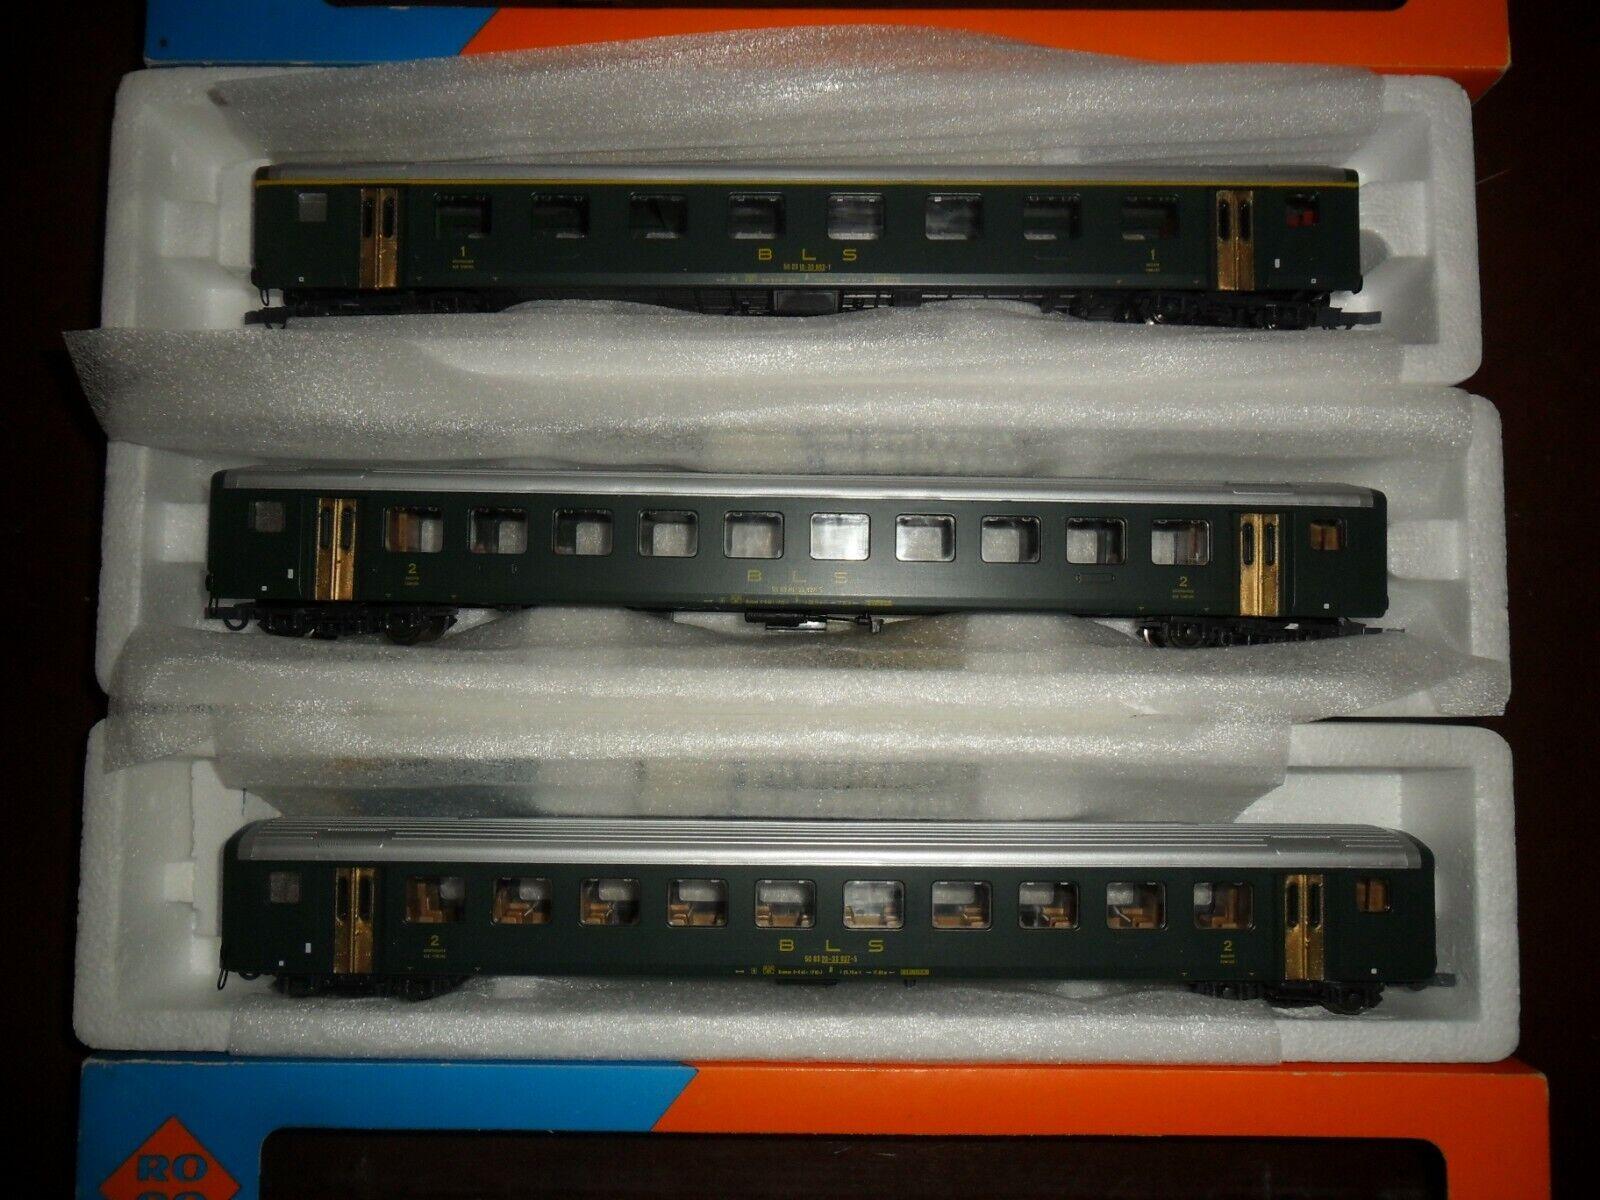 venta al por mayor barato Roco-BLS Roco-BLS Roco-BLS - 3 unid EW-II reisezugwagenset  1 KL. + 2 x 2 KL. - WS-como nuevo  almacén al por mayor